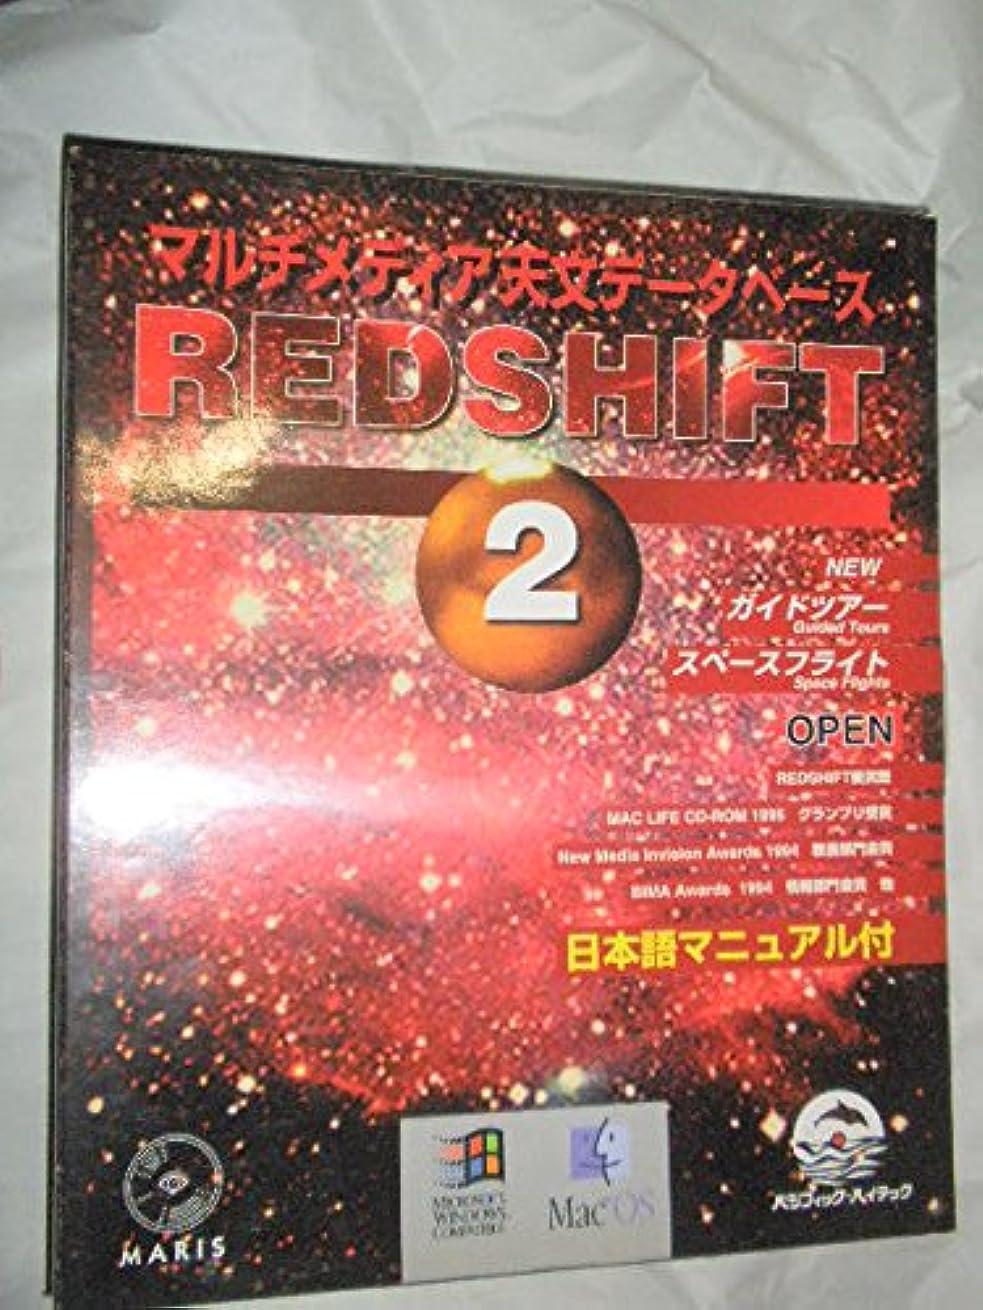 居間郵便屋さん繊維redshift 2 マルチメディア天文データベース win / power macintosh